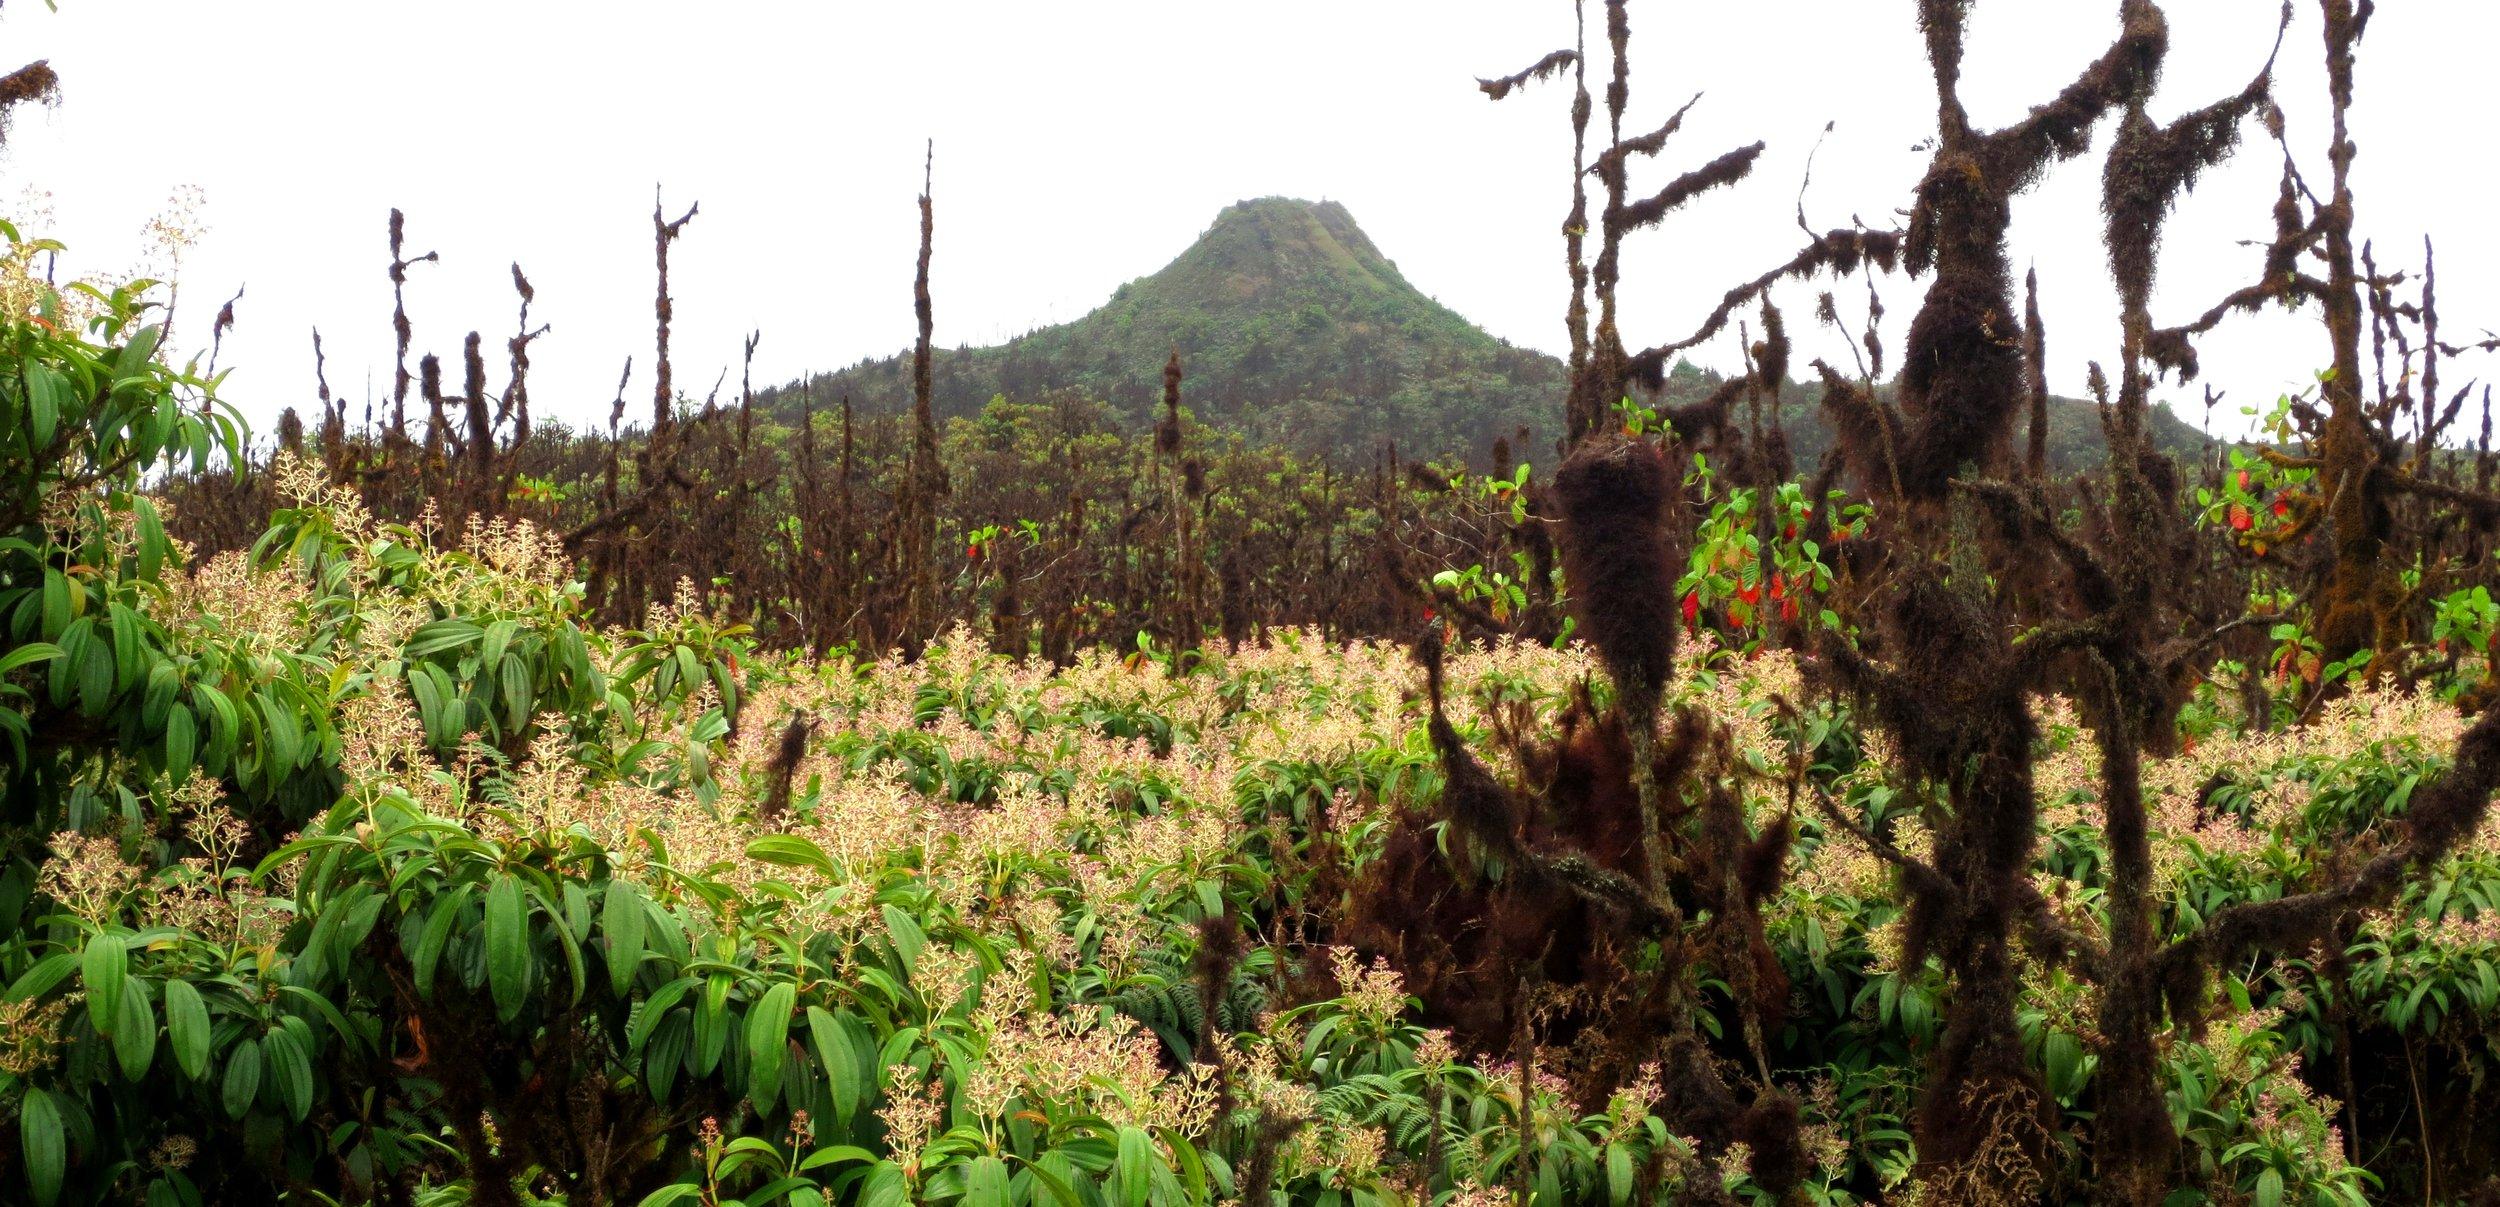 Figura 2 . Un bosque con  Miconia robinsoníana  en el area protegida de Media Luna, Isla Santa Cruz. Foto: Paulina Couenberg